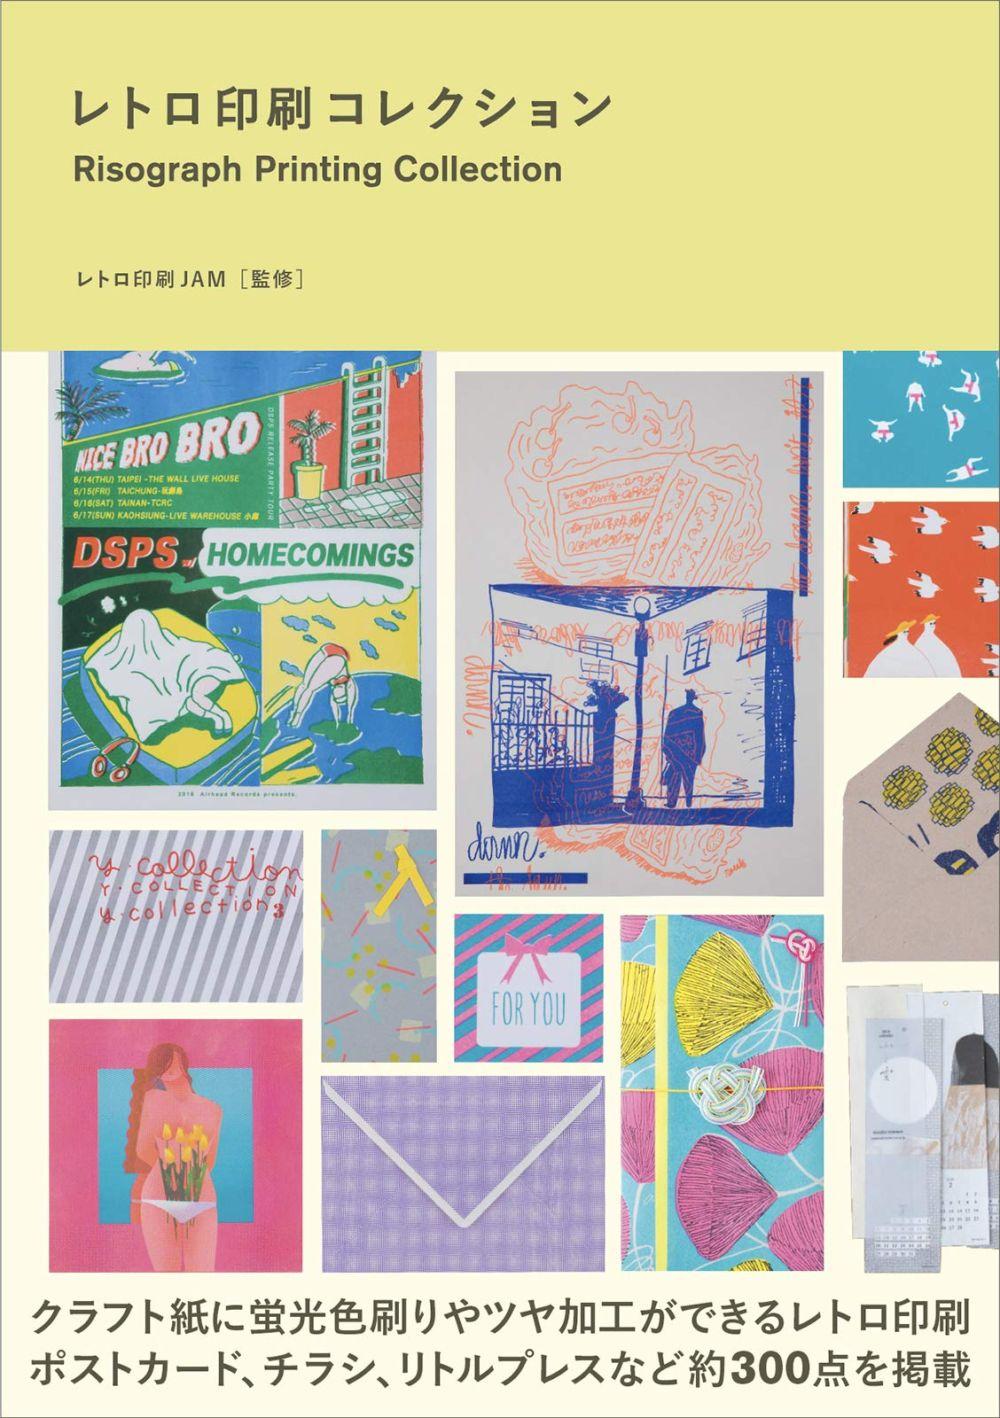 『レトロ印刷コレクション』